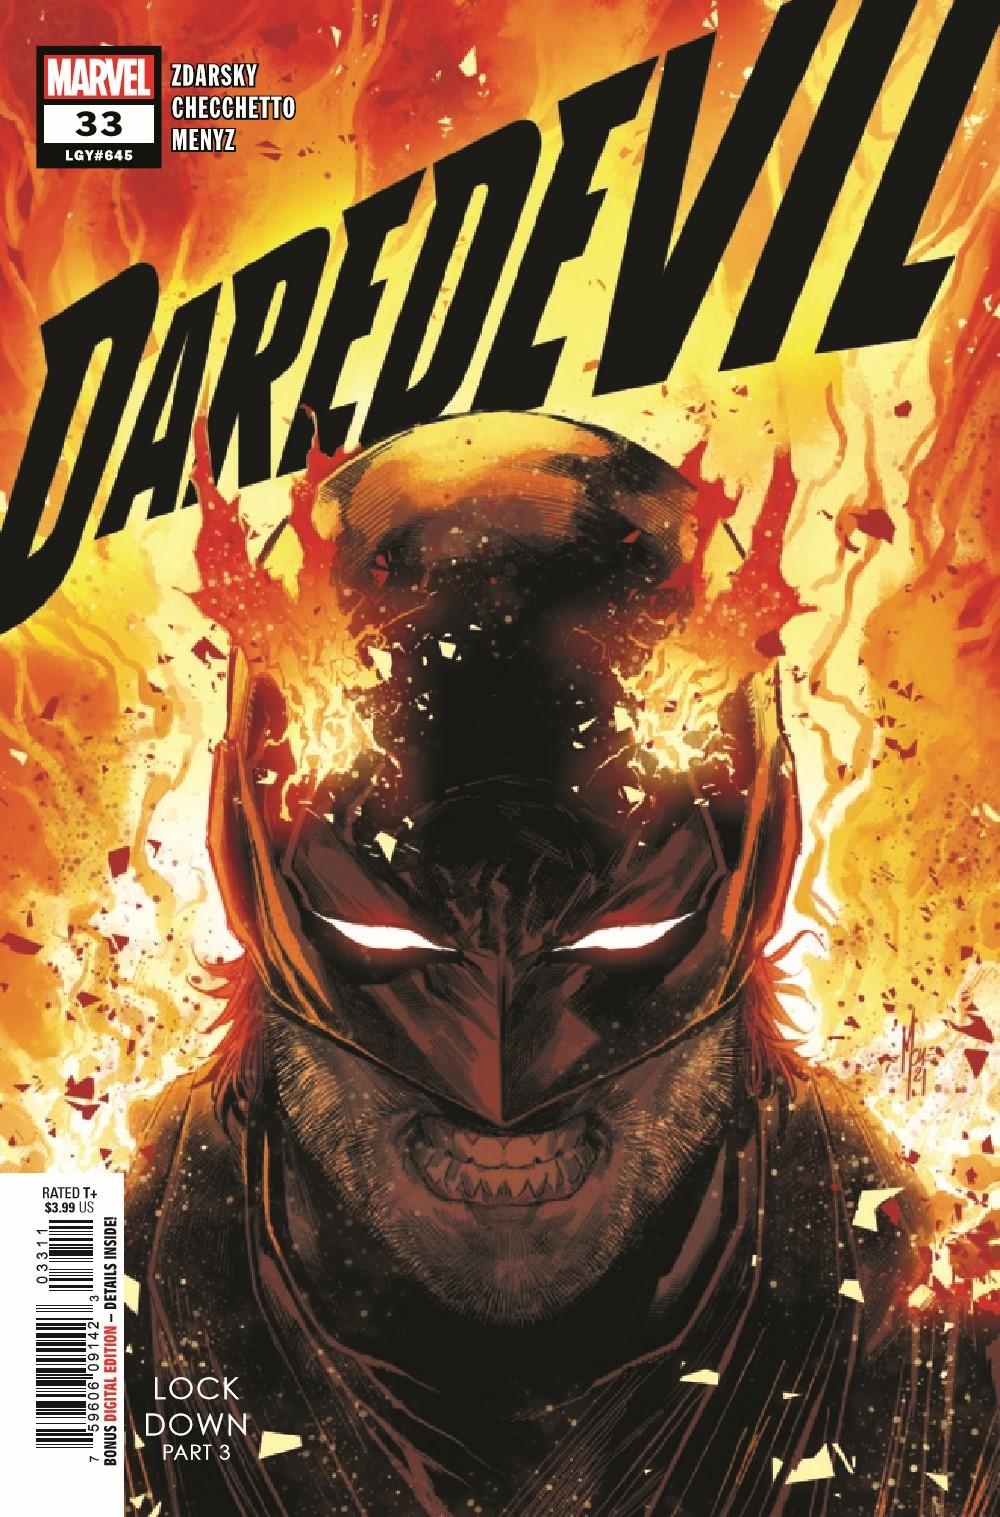 DD2019033_Preview-1 ComicList Previews: DAREDEVIL #33